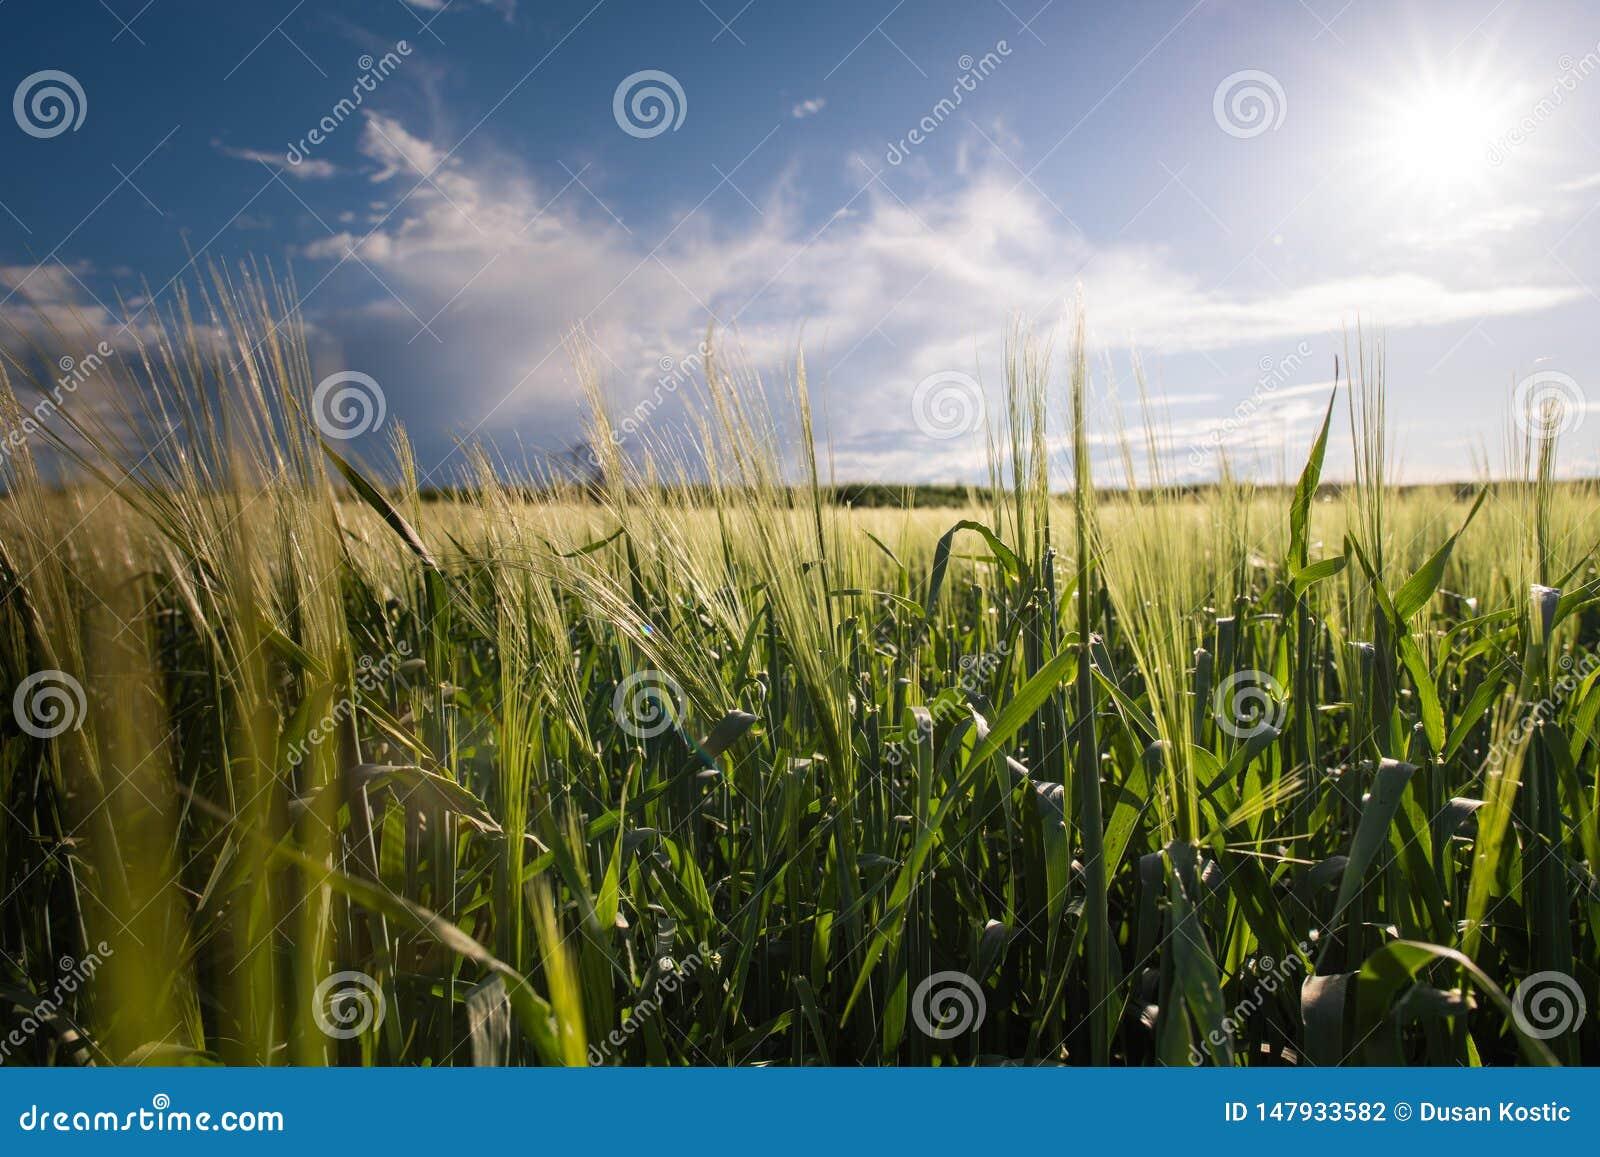 Jeune champ de blé dans le jour ensoleillé